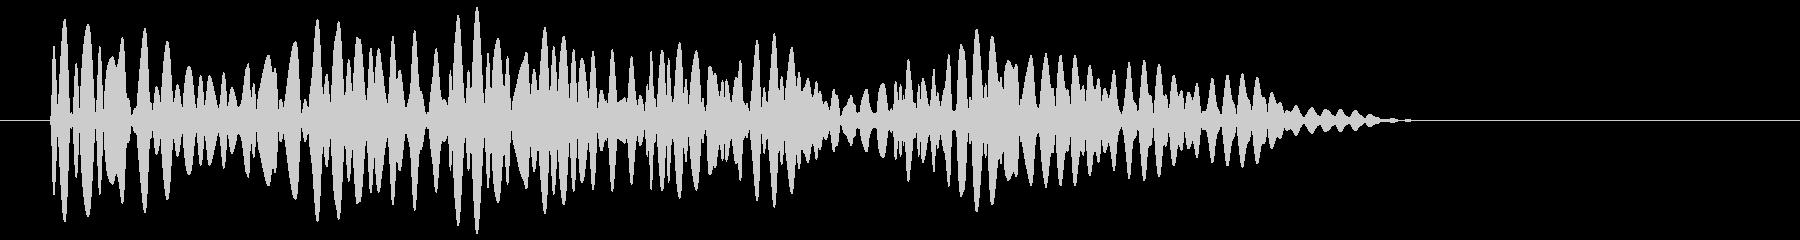 ドゥルルルル(スワイプ、移動、スライド)の未再生の波形